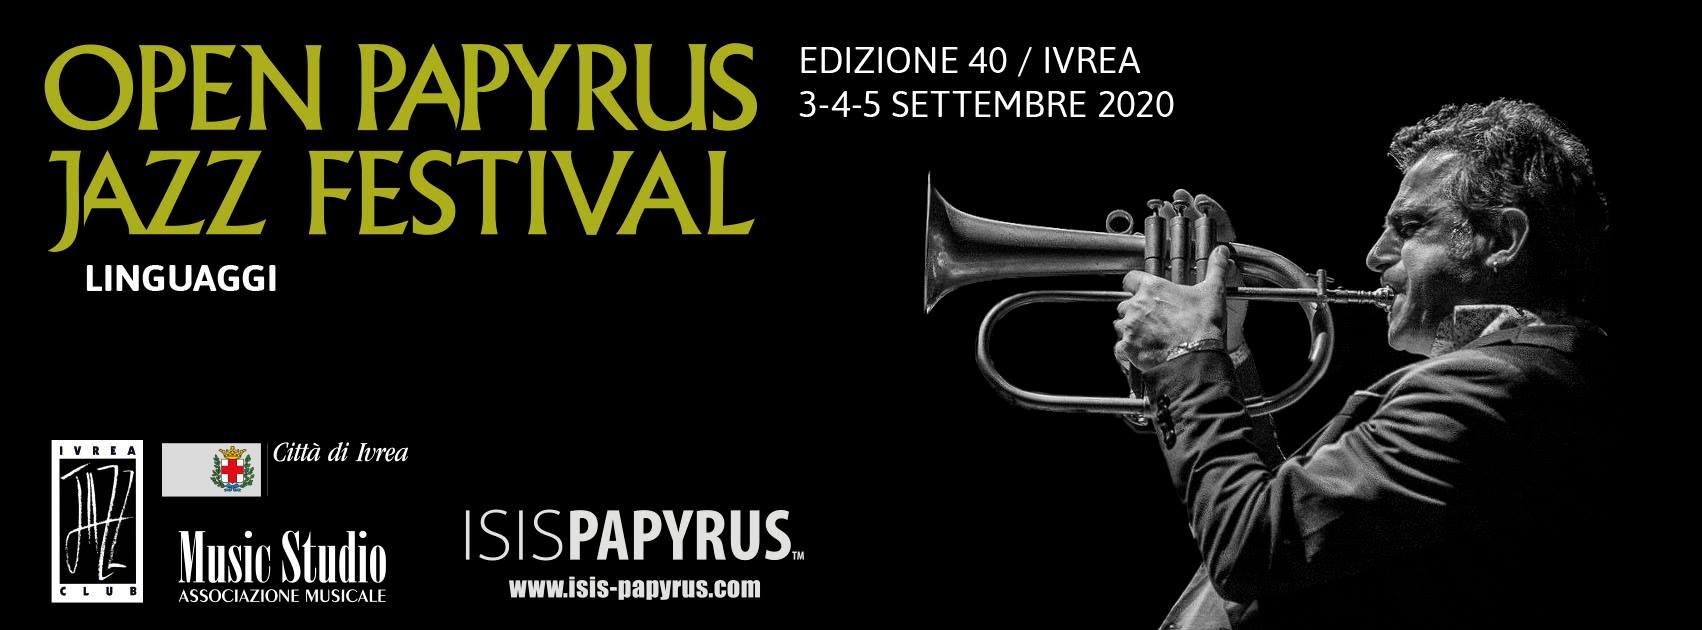 L'Estate del jazz ai tempi del Coronavirus – Open Papyrus Jazz Festival